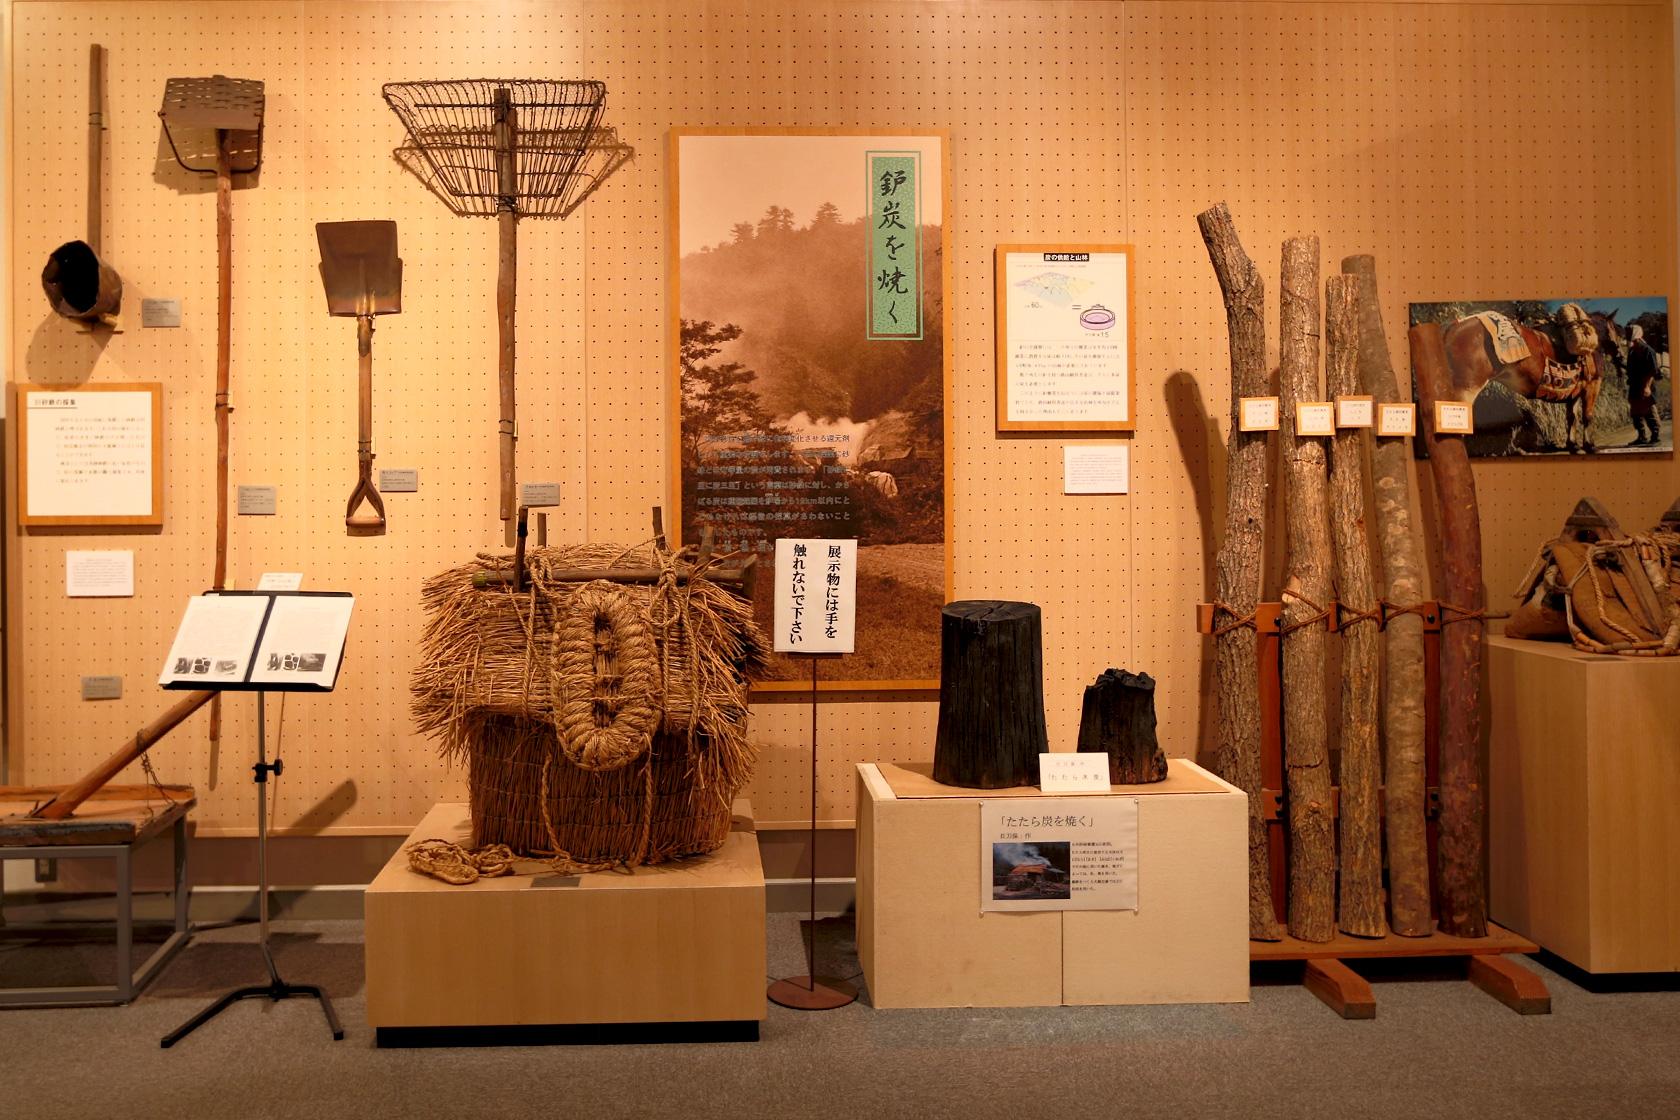 第1展示室の主な展示品の紹介